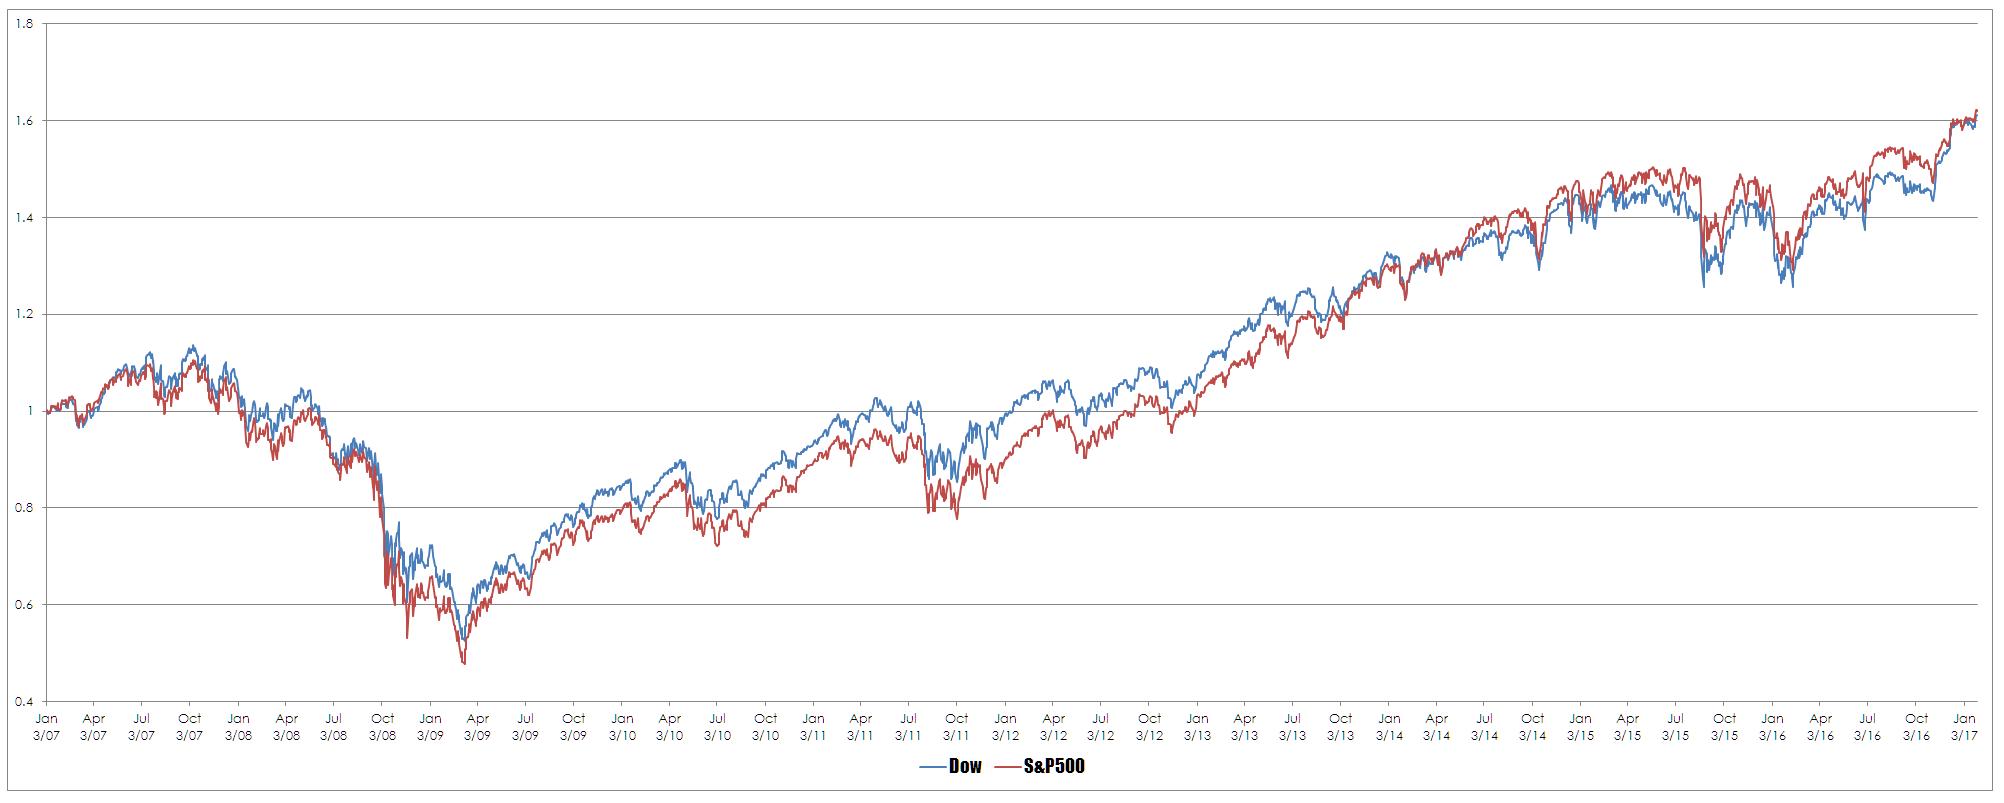 Dow vs S&P